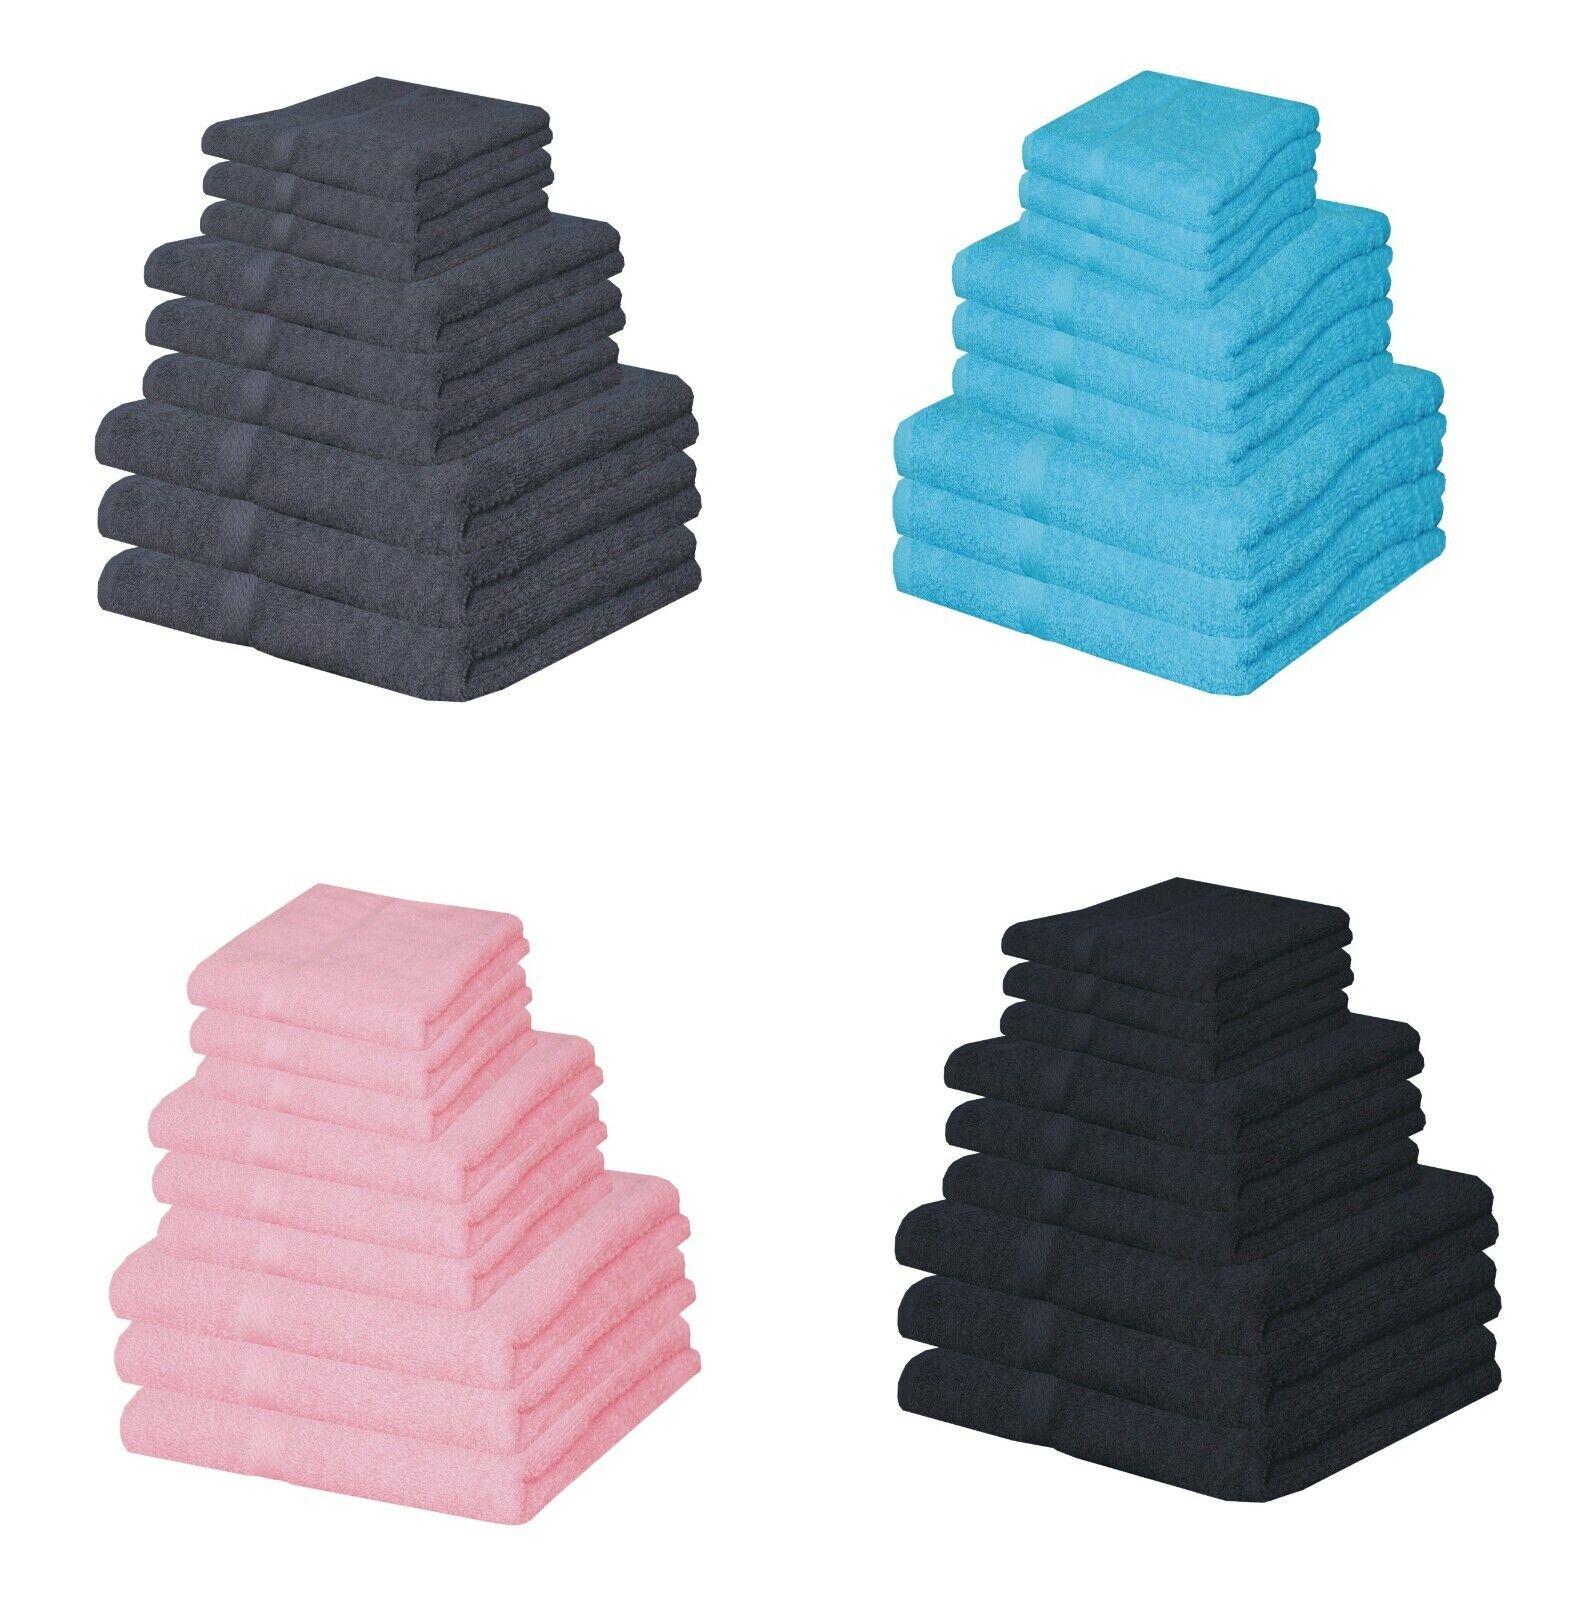 1-7 Pcs Towel Bale Set 100% Egyptian Cotton Face Hand Bath Towels Flannels Cloth